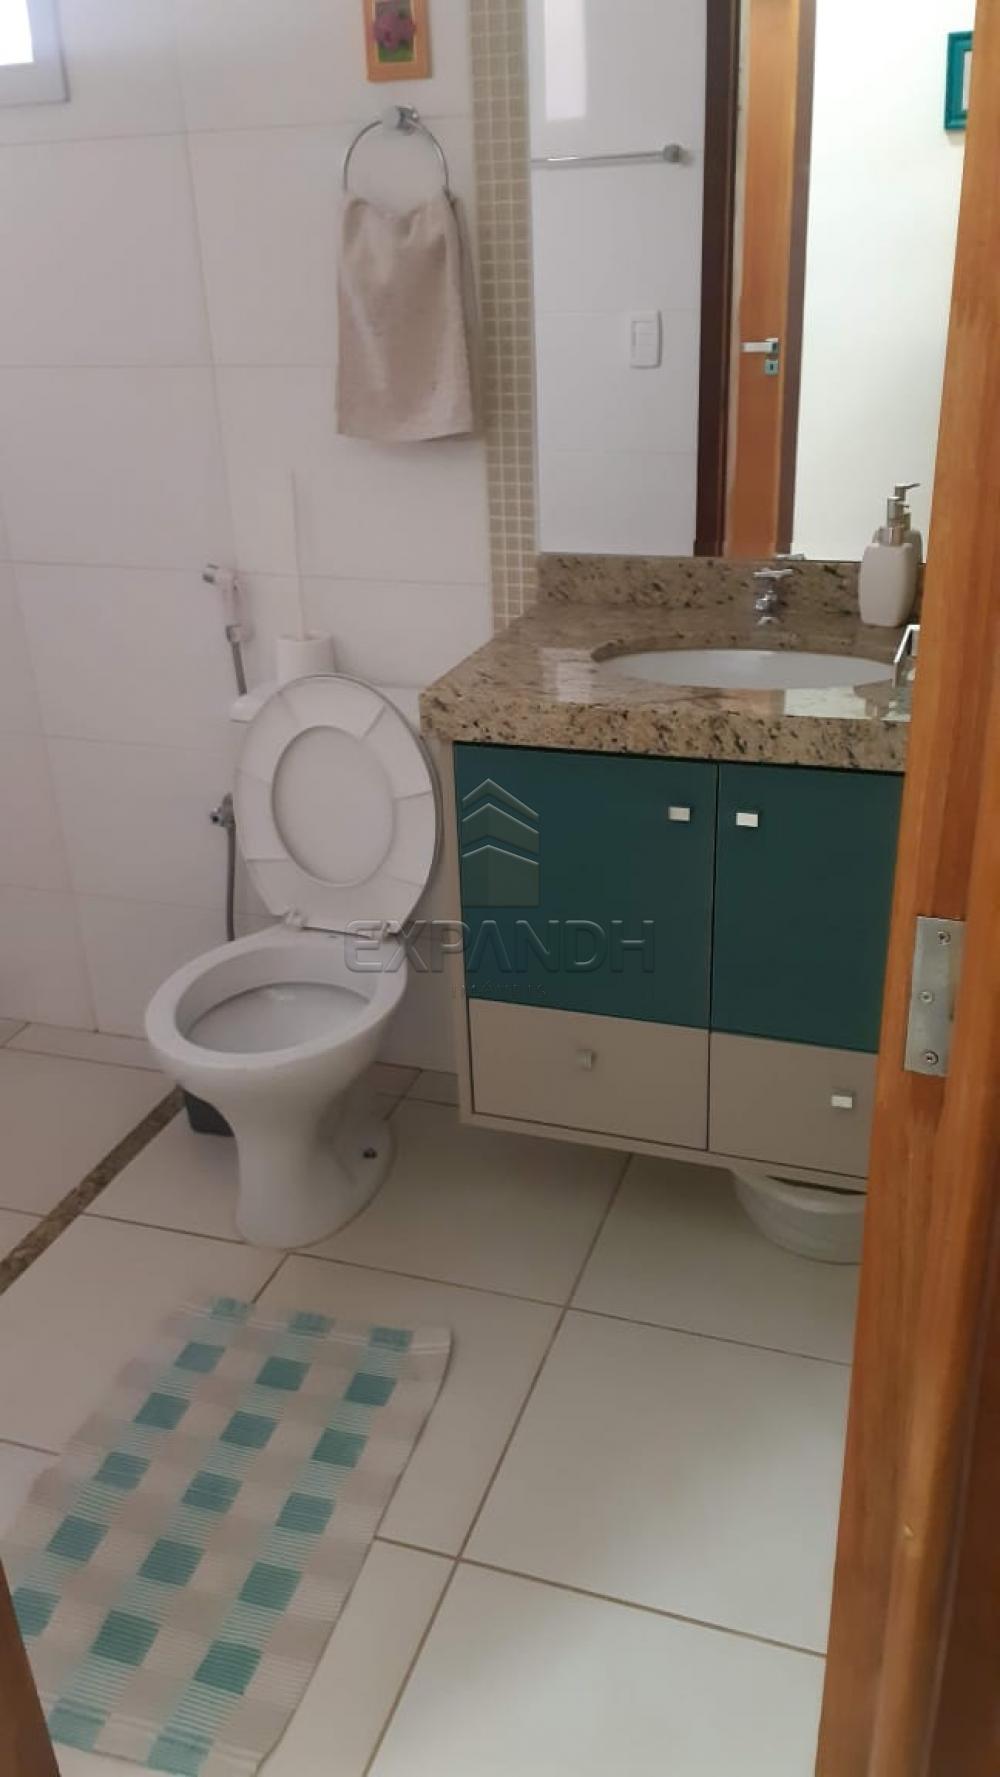 Comprar Apartamentos / Padrão em Sertãozinho apenas R$ 250.000,00 - Foto 16